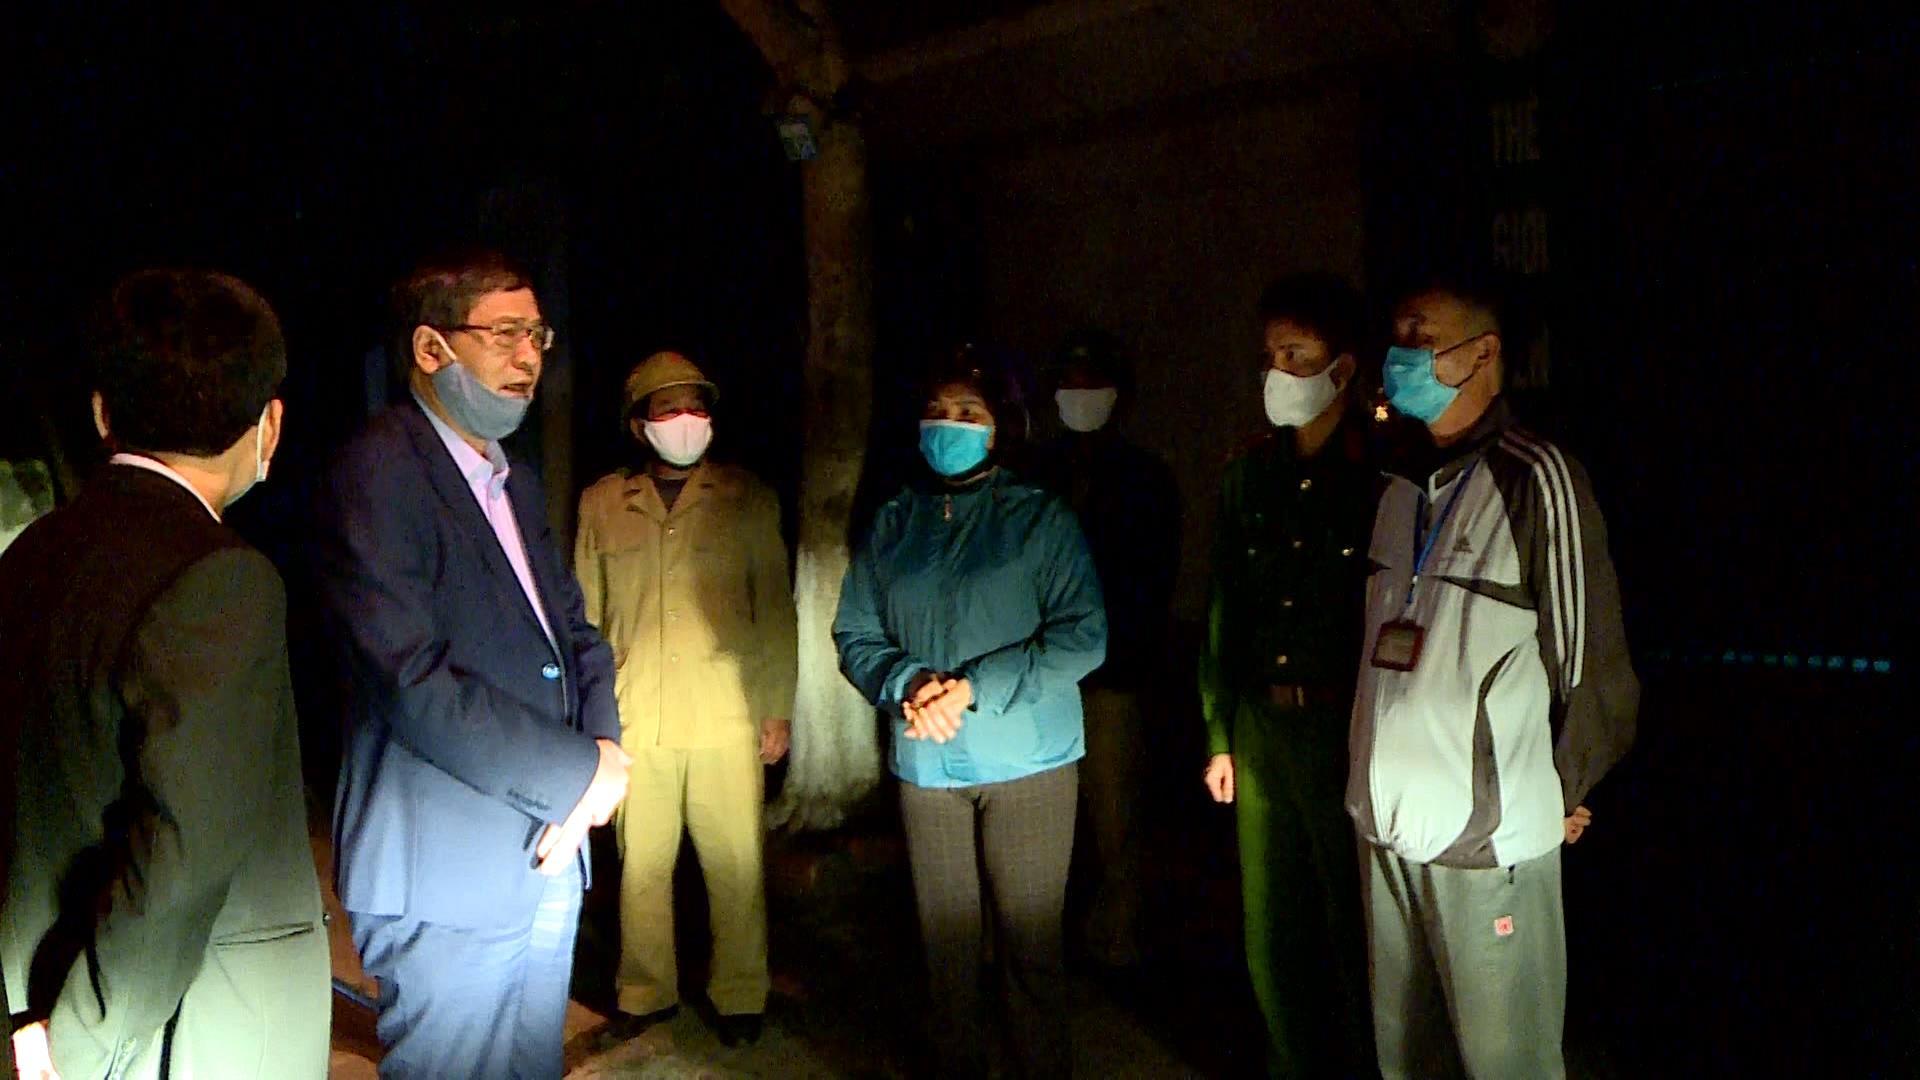 Thành phố Bắc Ninh kiểm tra, đôn đốc đóng cửa  các cơ sở dịch vụ, kinh doanh các mặt hàng không thiết yếu